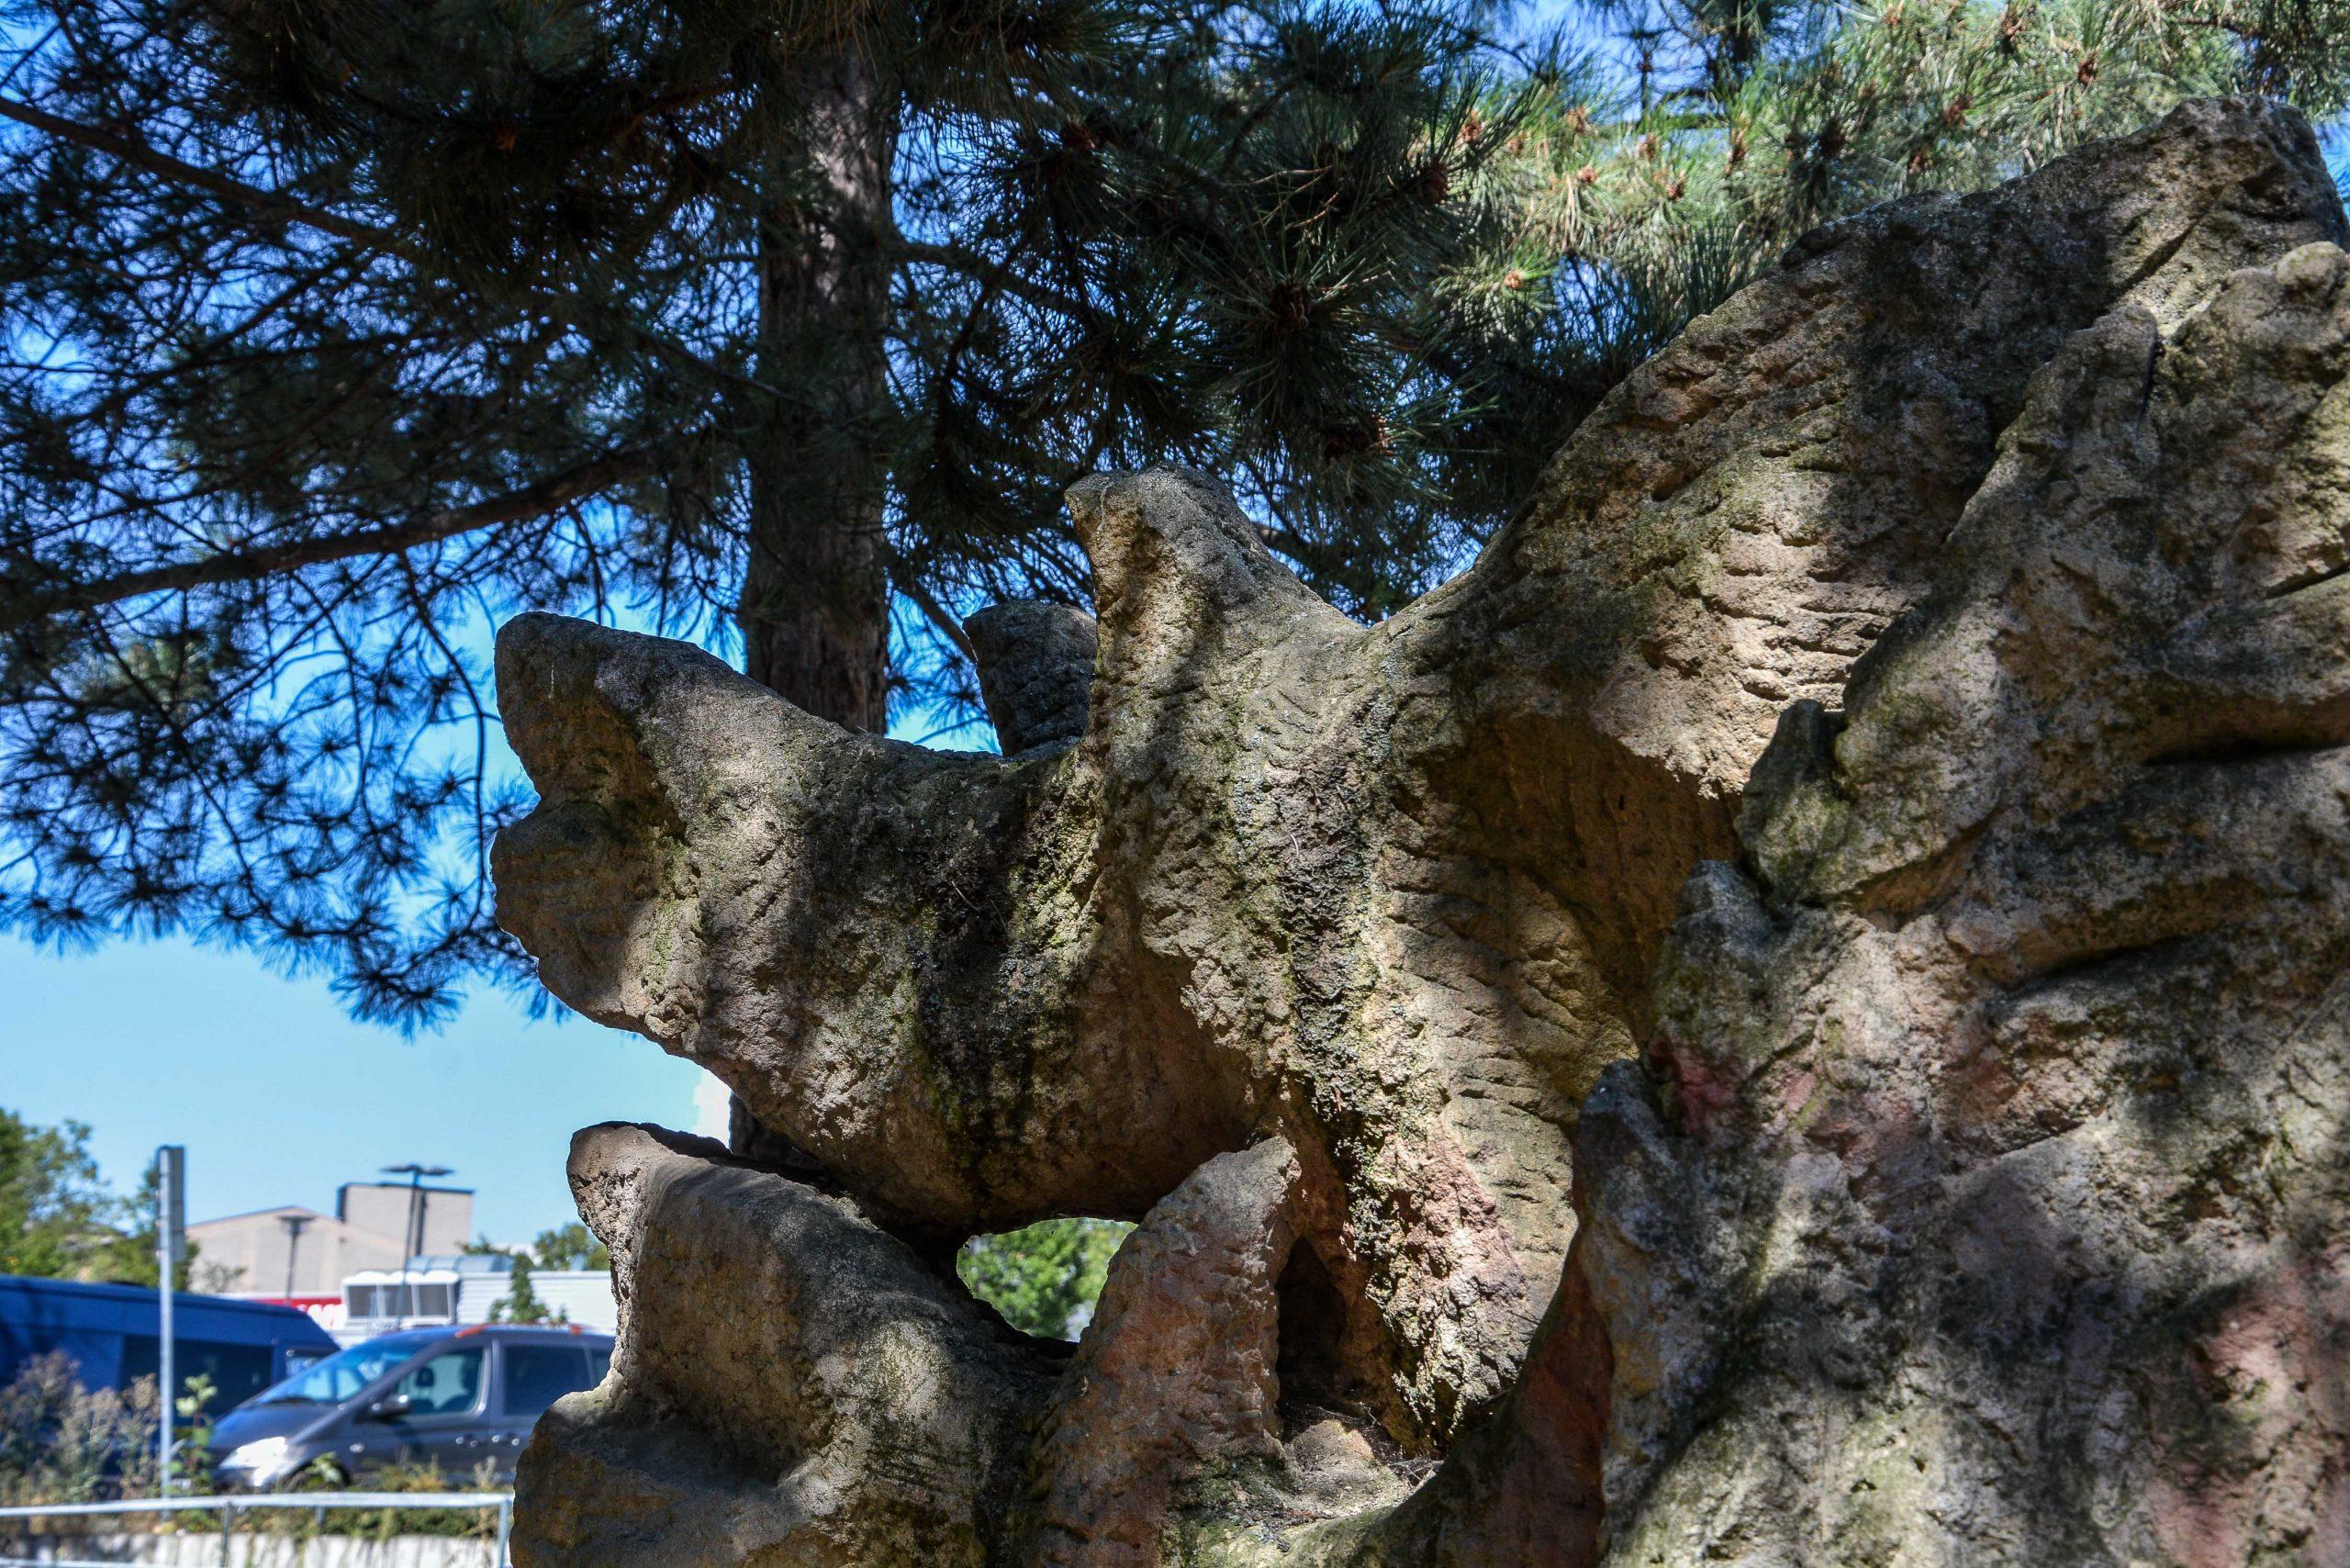 Chernobyl Memorial Berlin Lichtenberg fennpfuhlpark tschernobyl denkmal berlin deutschland juri sinkewitsch vogel bird